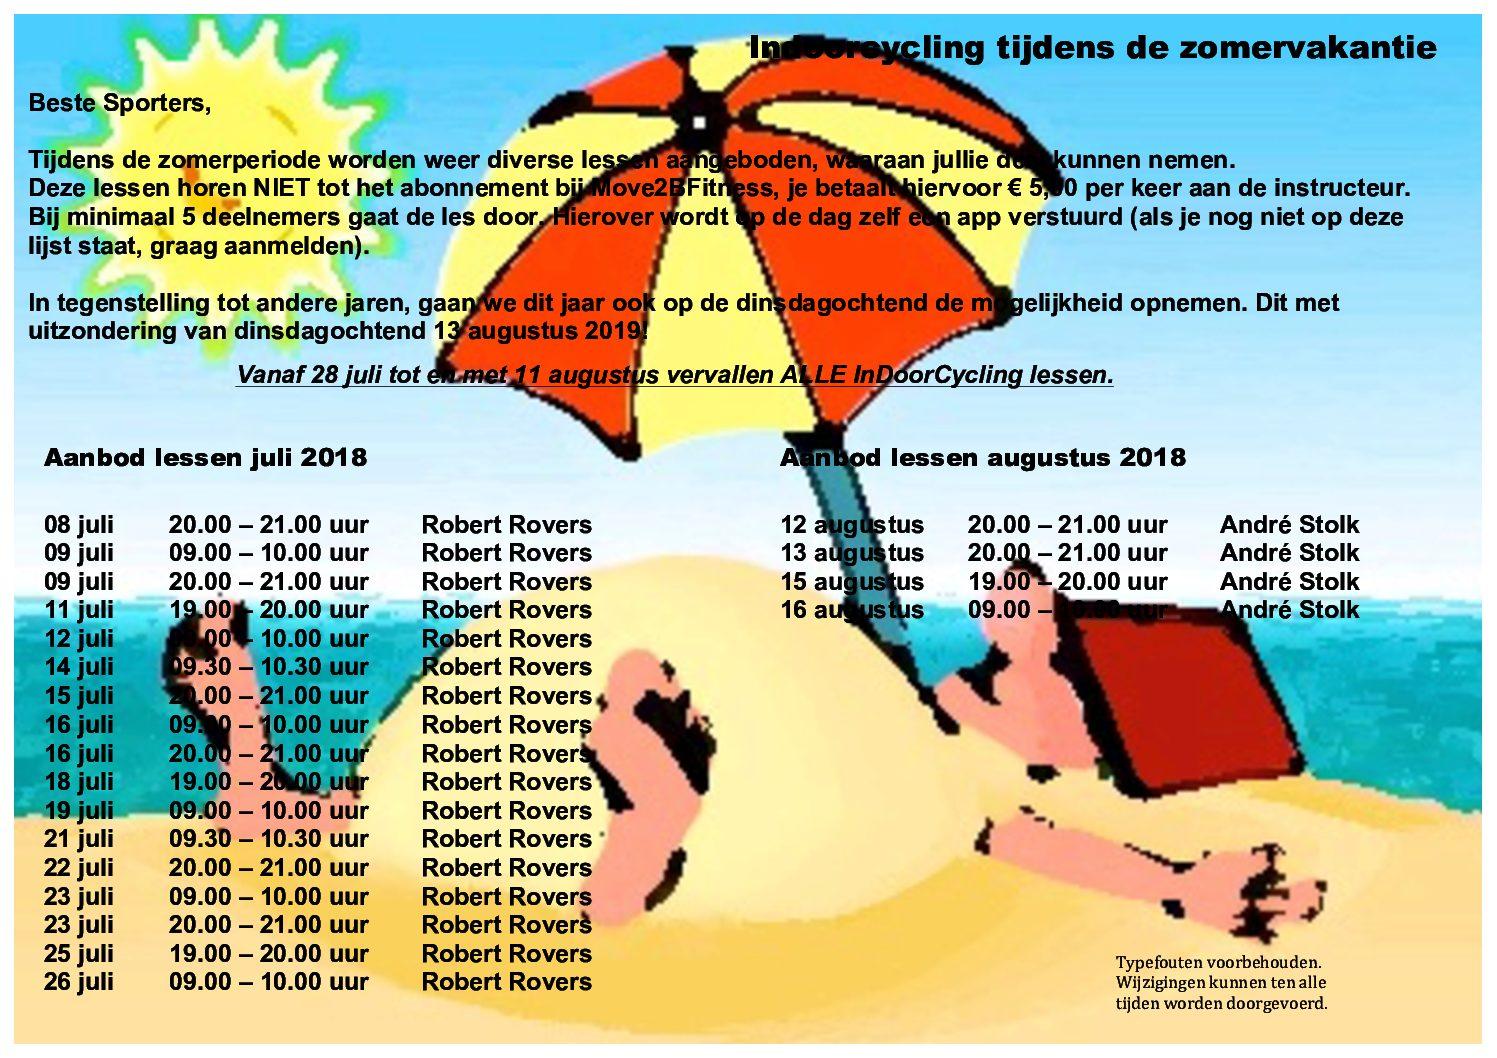 Indoorcycling tijdens zomervakantie